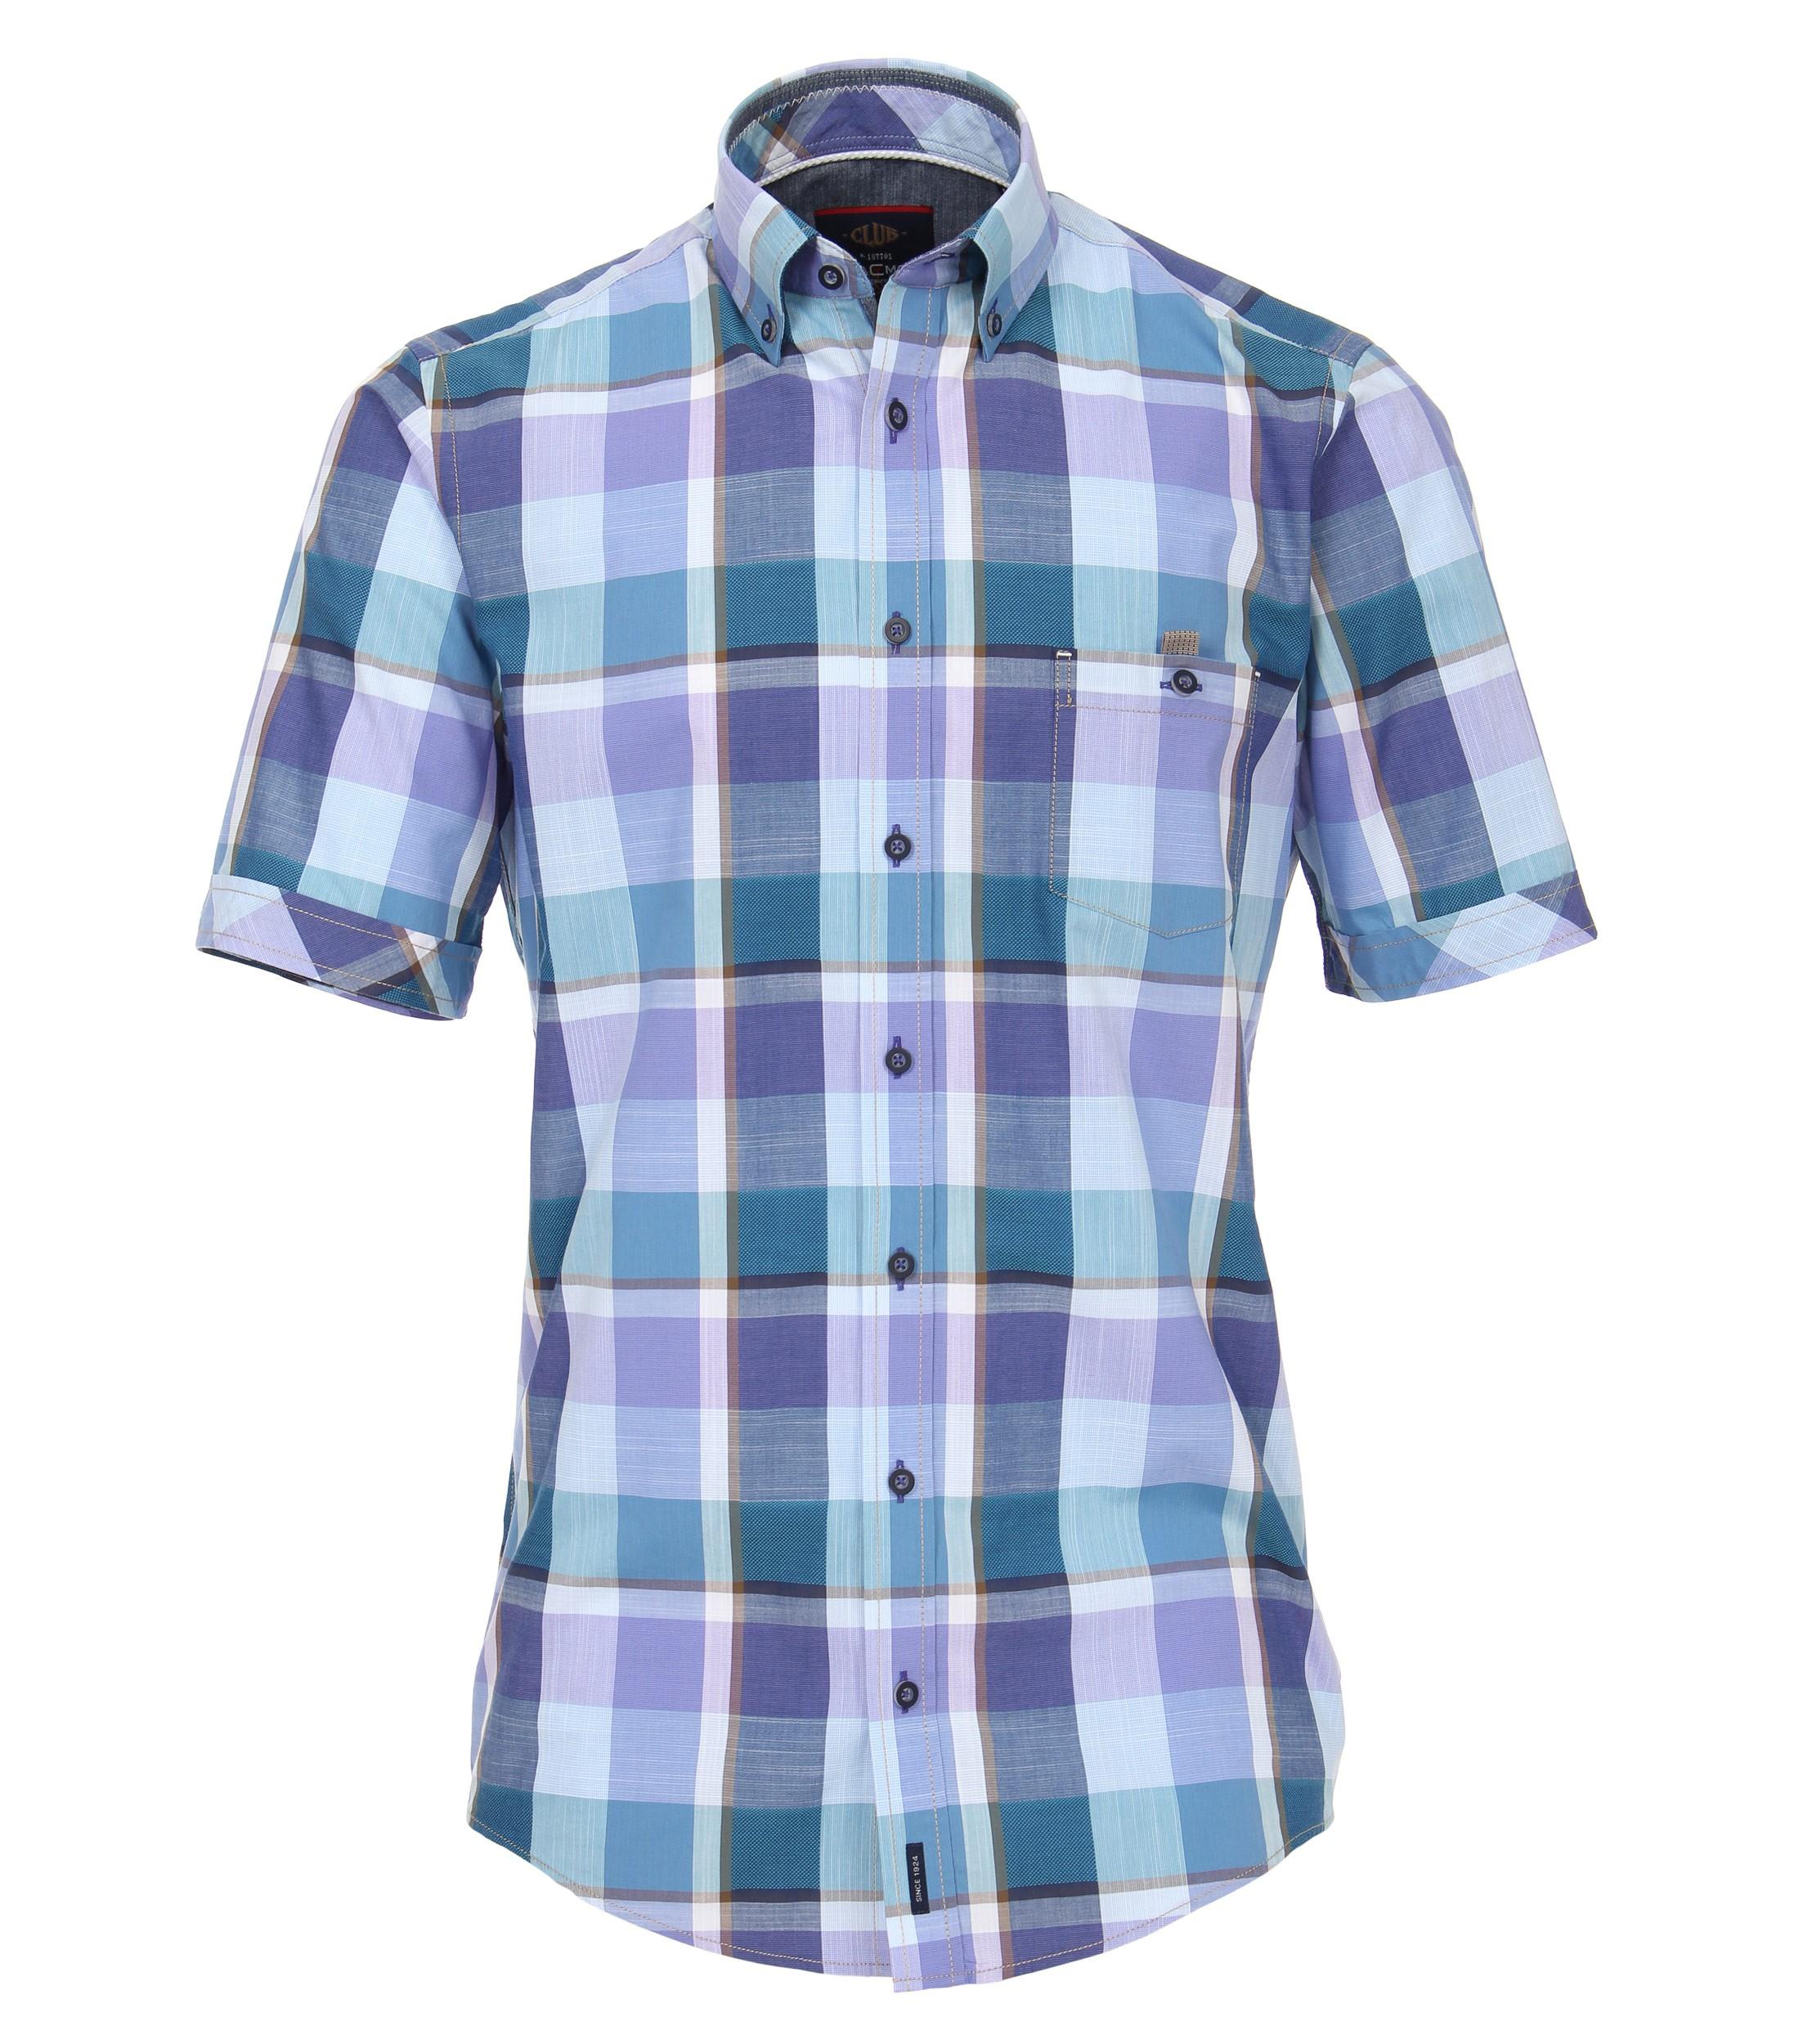 Geblokt overhemd met korte mouwen van Casa Moda met button down kraag, heeft een borstzakje met knoopsluiting. Het overhemd is rond afgezoomd. Erg mooi overhemd voor de zomer.